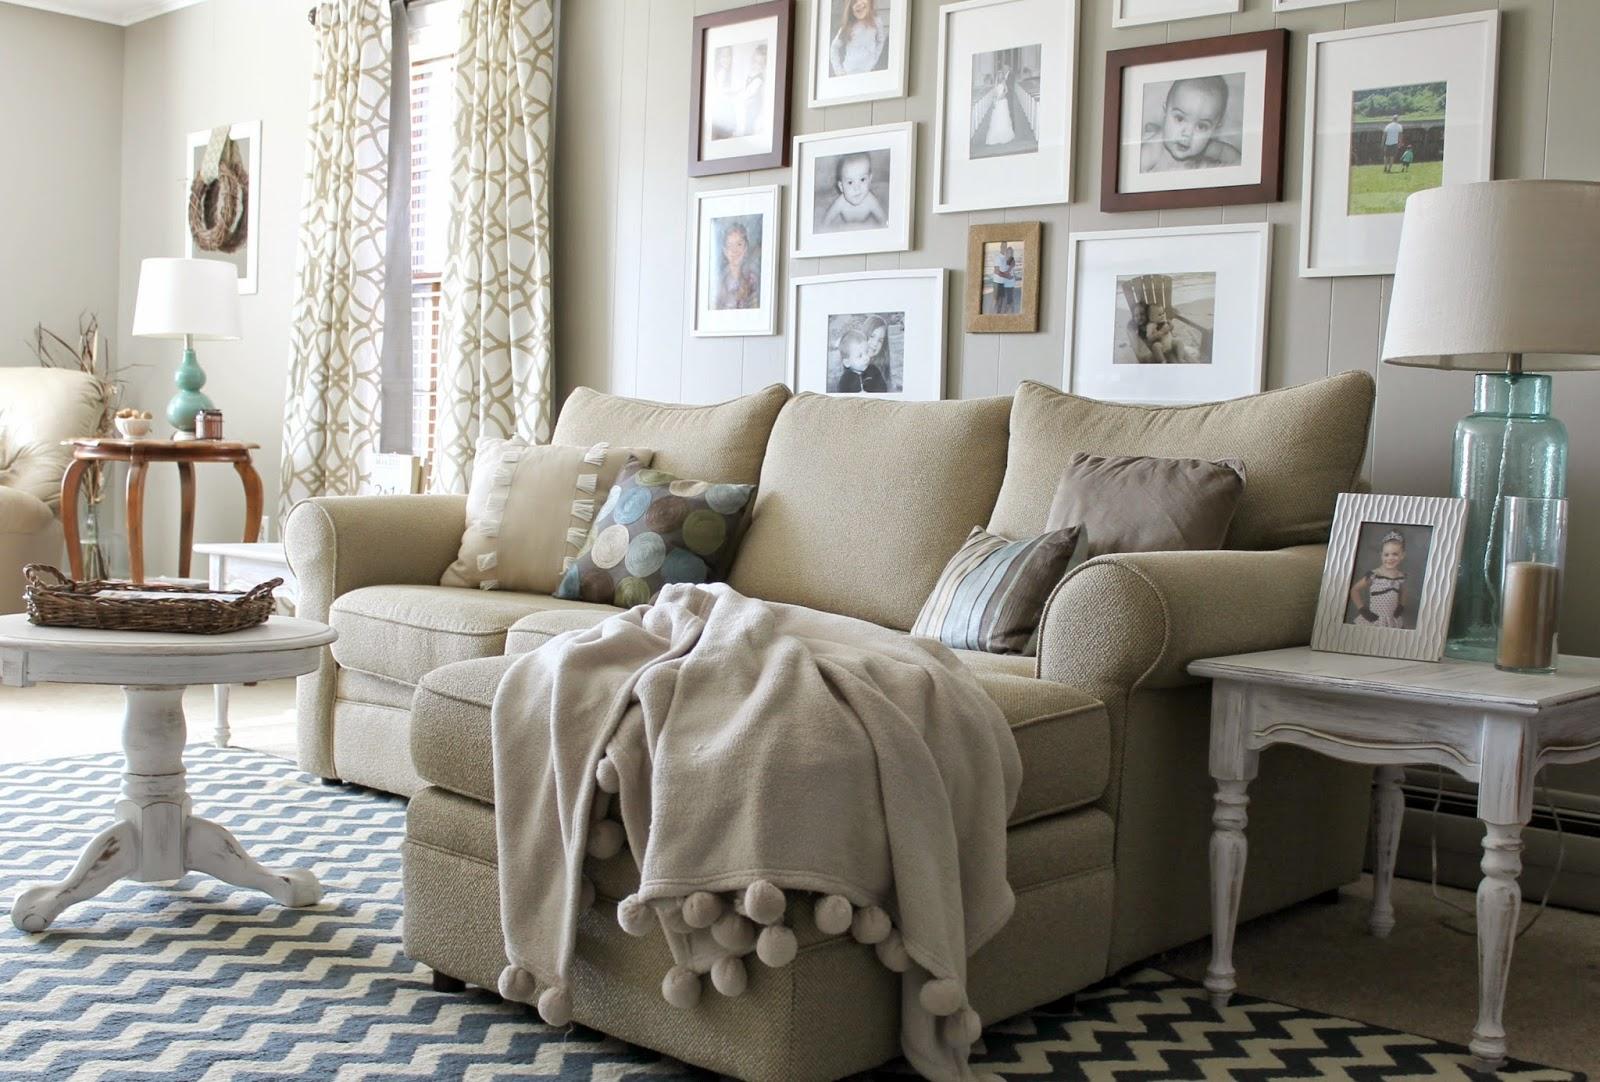 20 dreamy farmhouse style fall decor ideas creative on colors for farmhouse living room id=44852